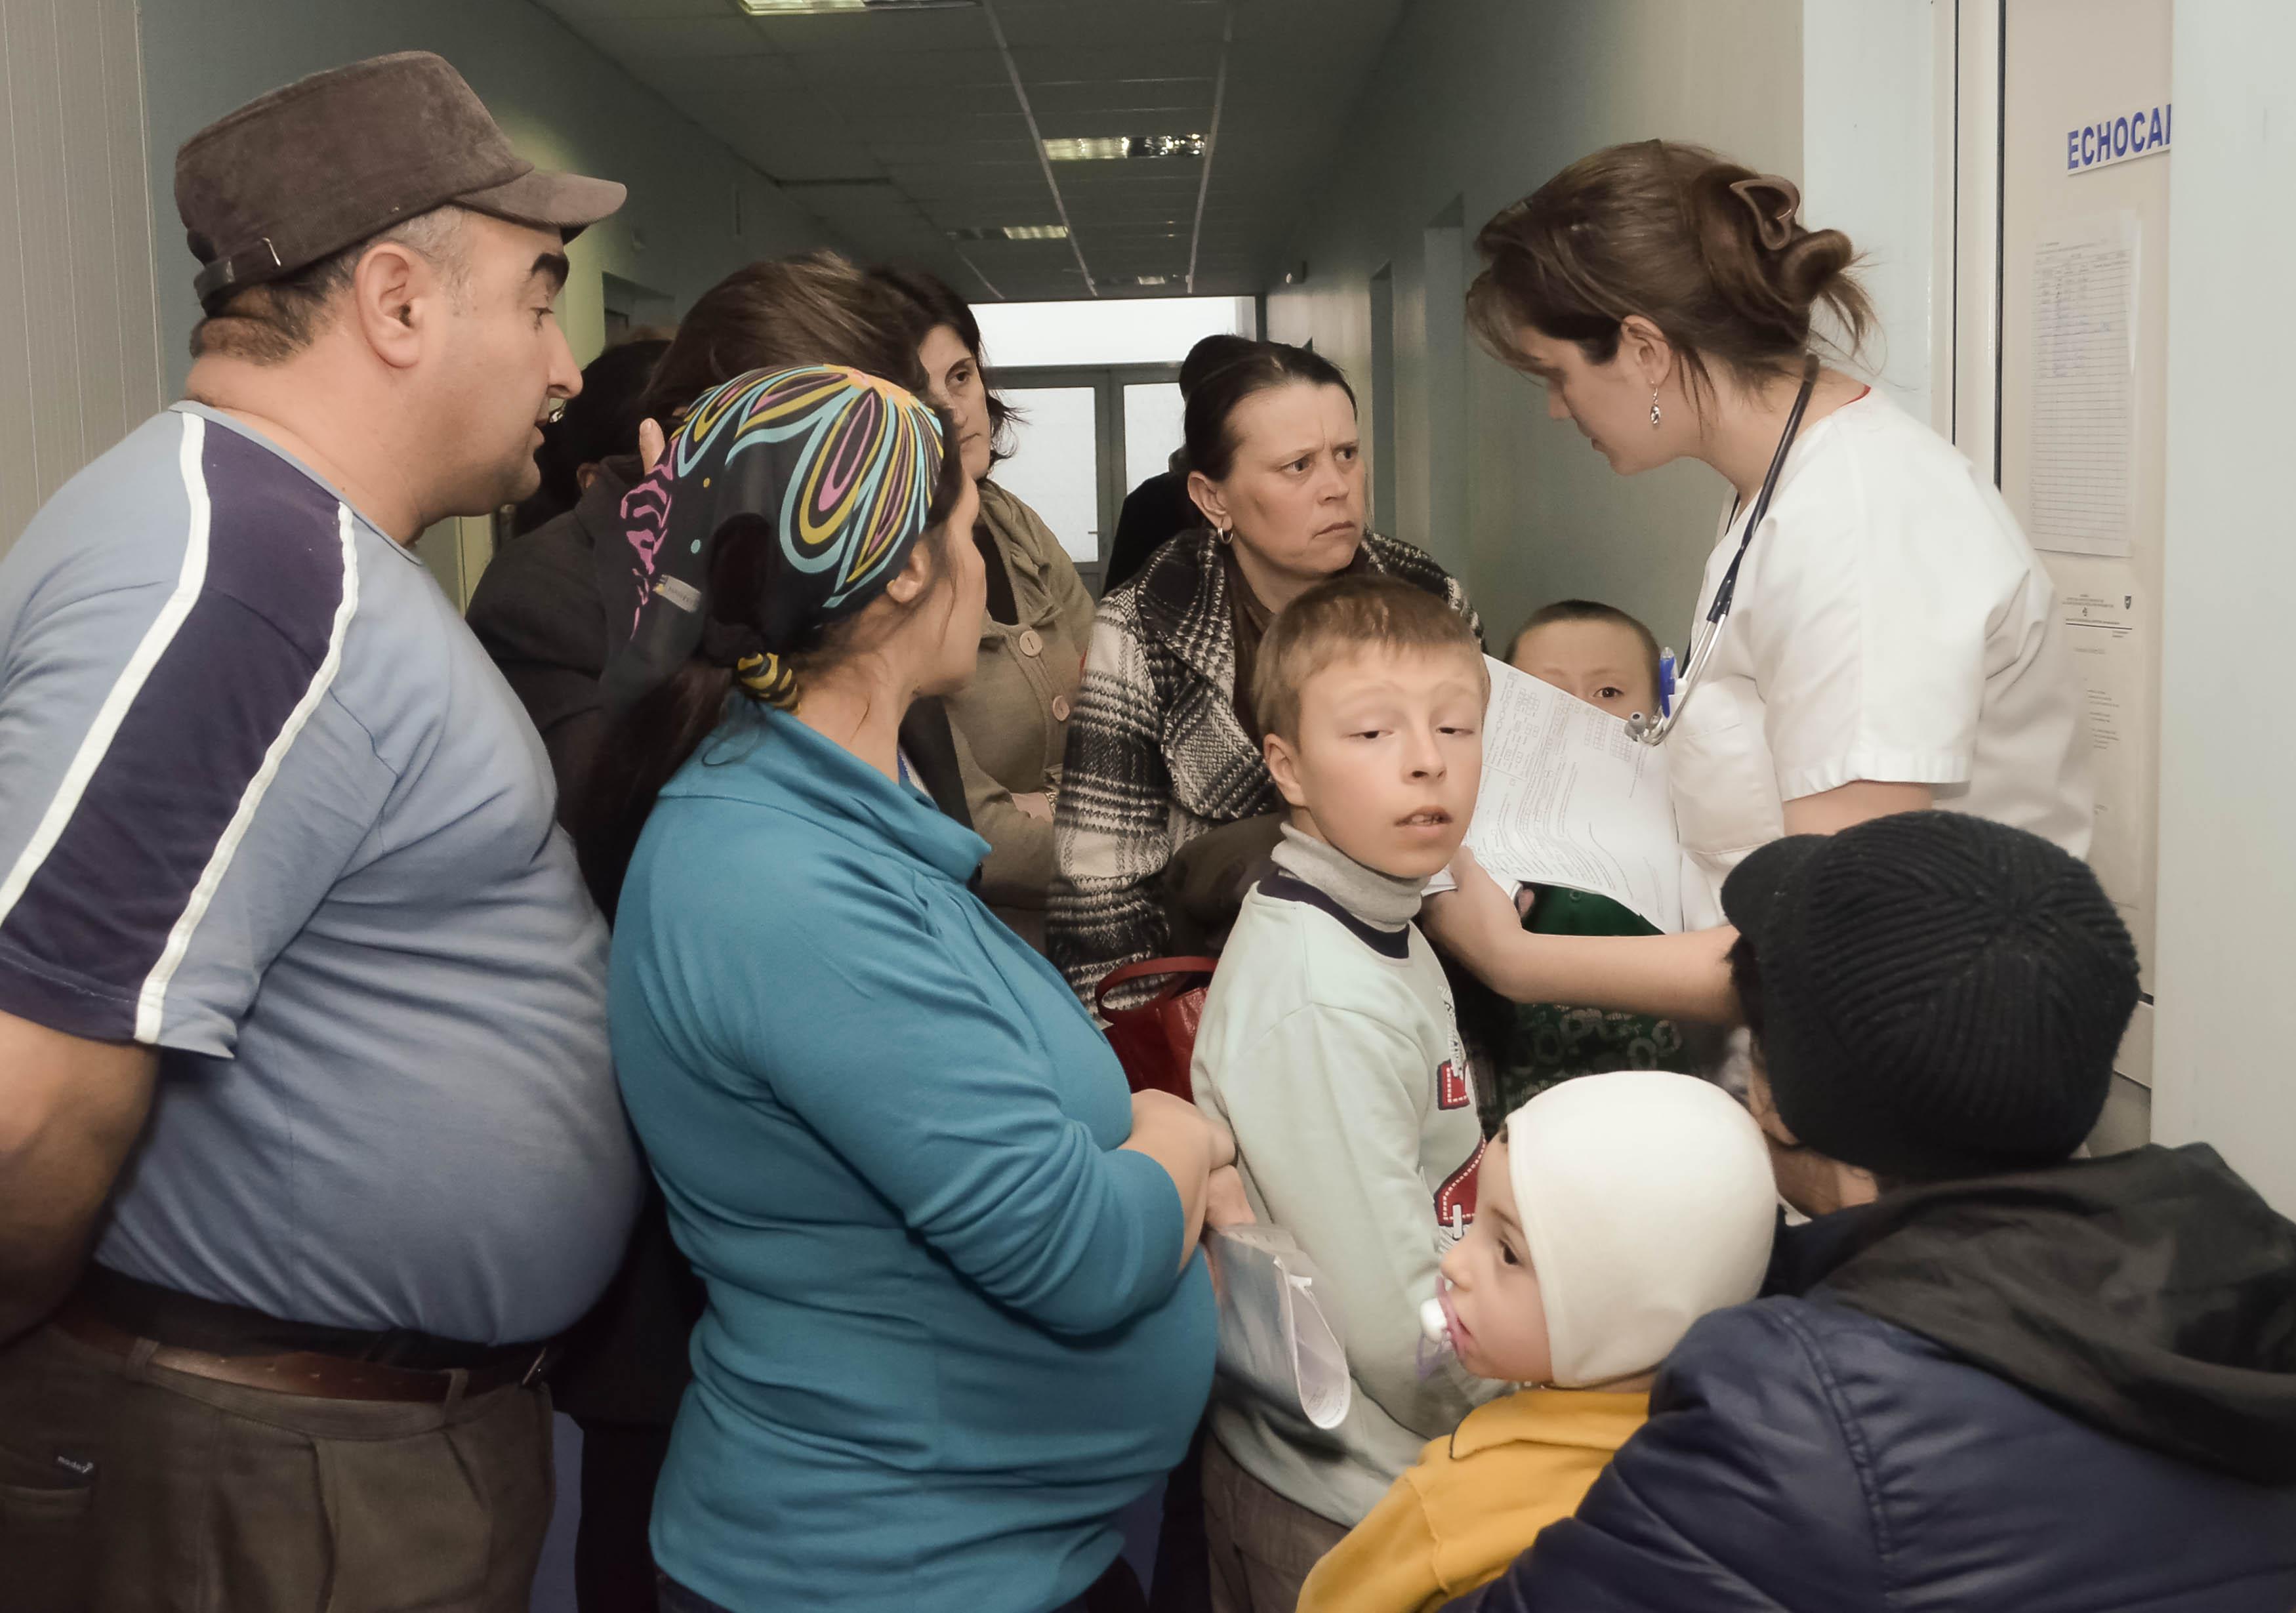 """Holul Secției de Cardiologie de la Spitalul de Copii """"Sfânta Maria"""" din Iași a fost neîncăpător pentru zecile de copii care așteptau o consultație."""